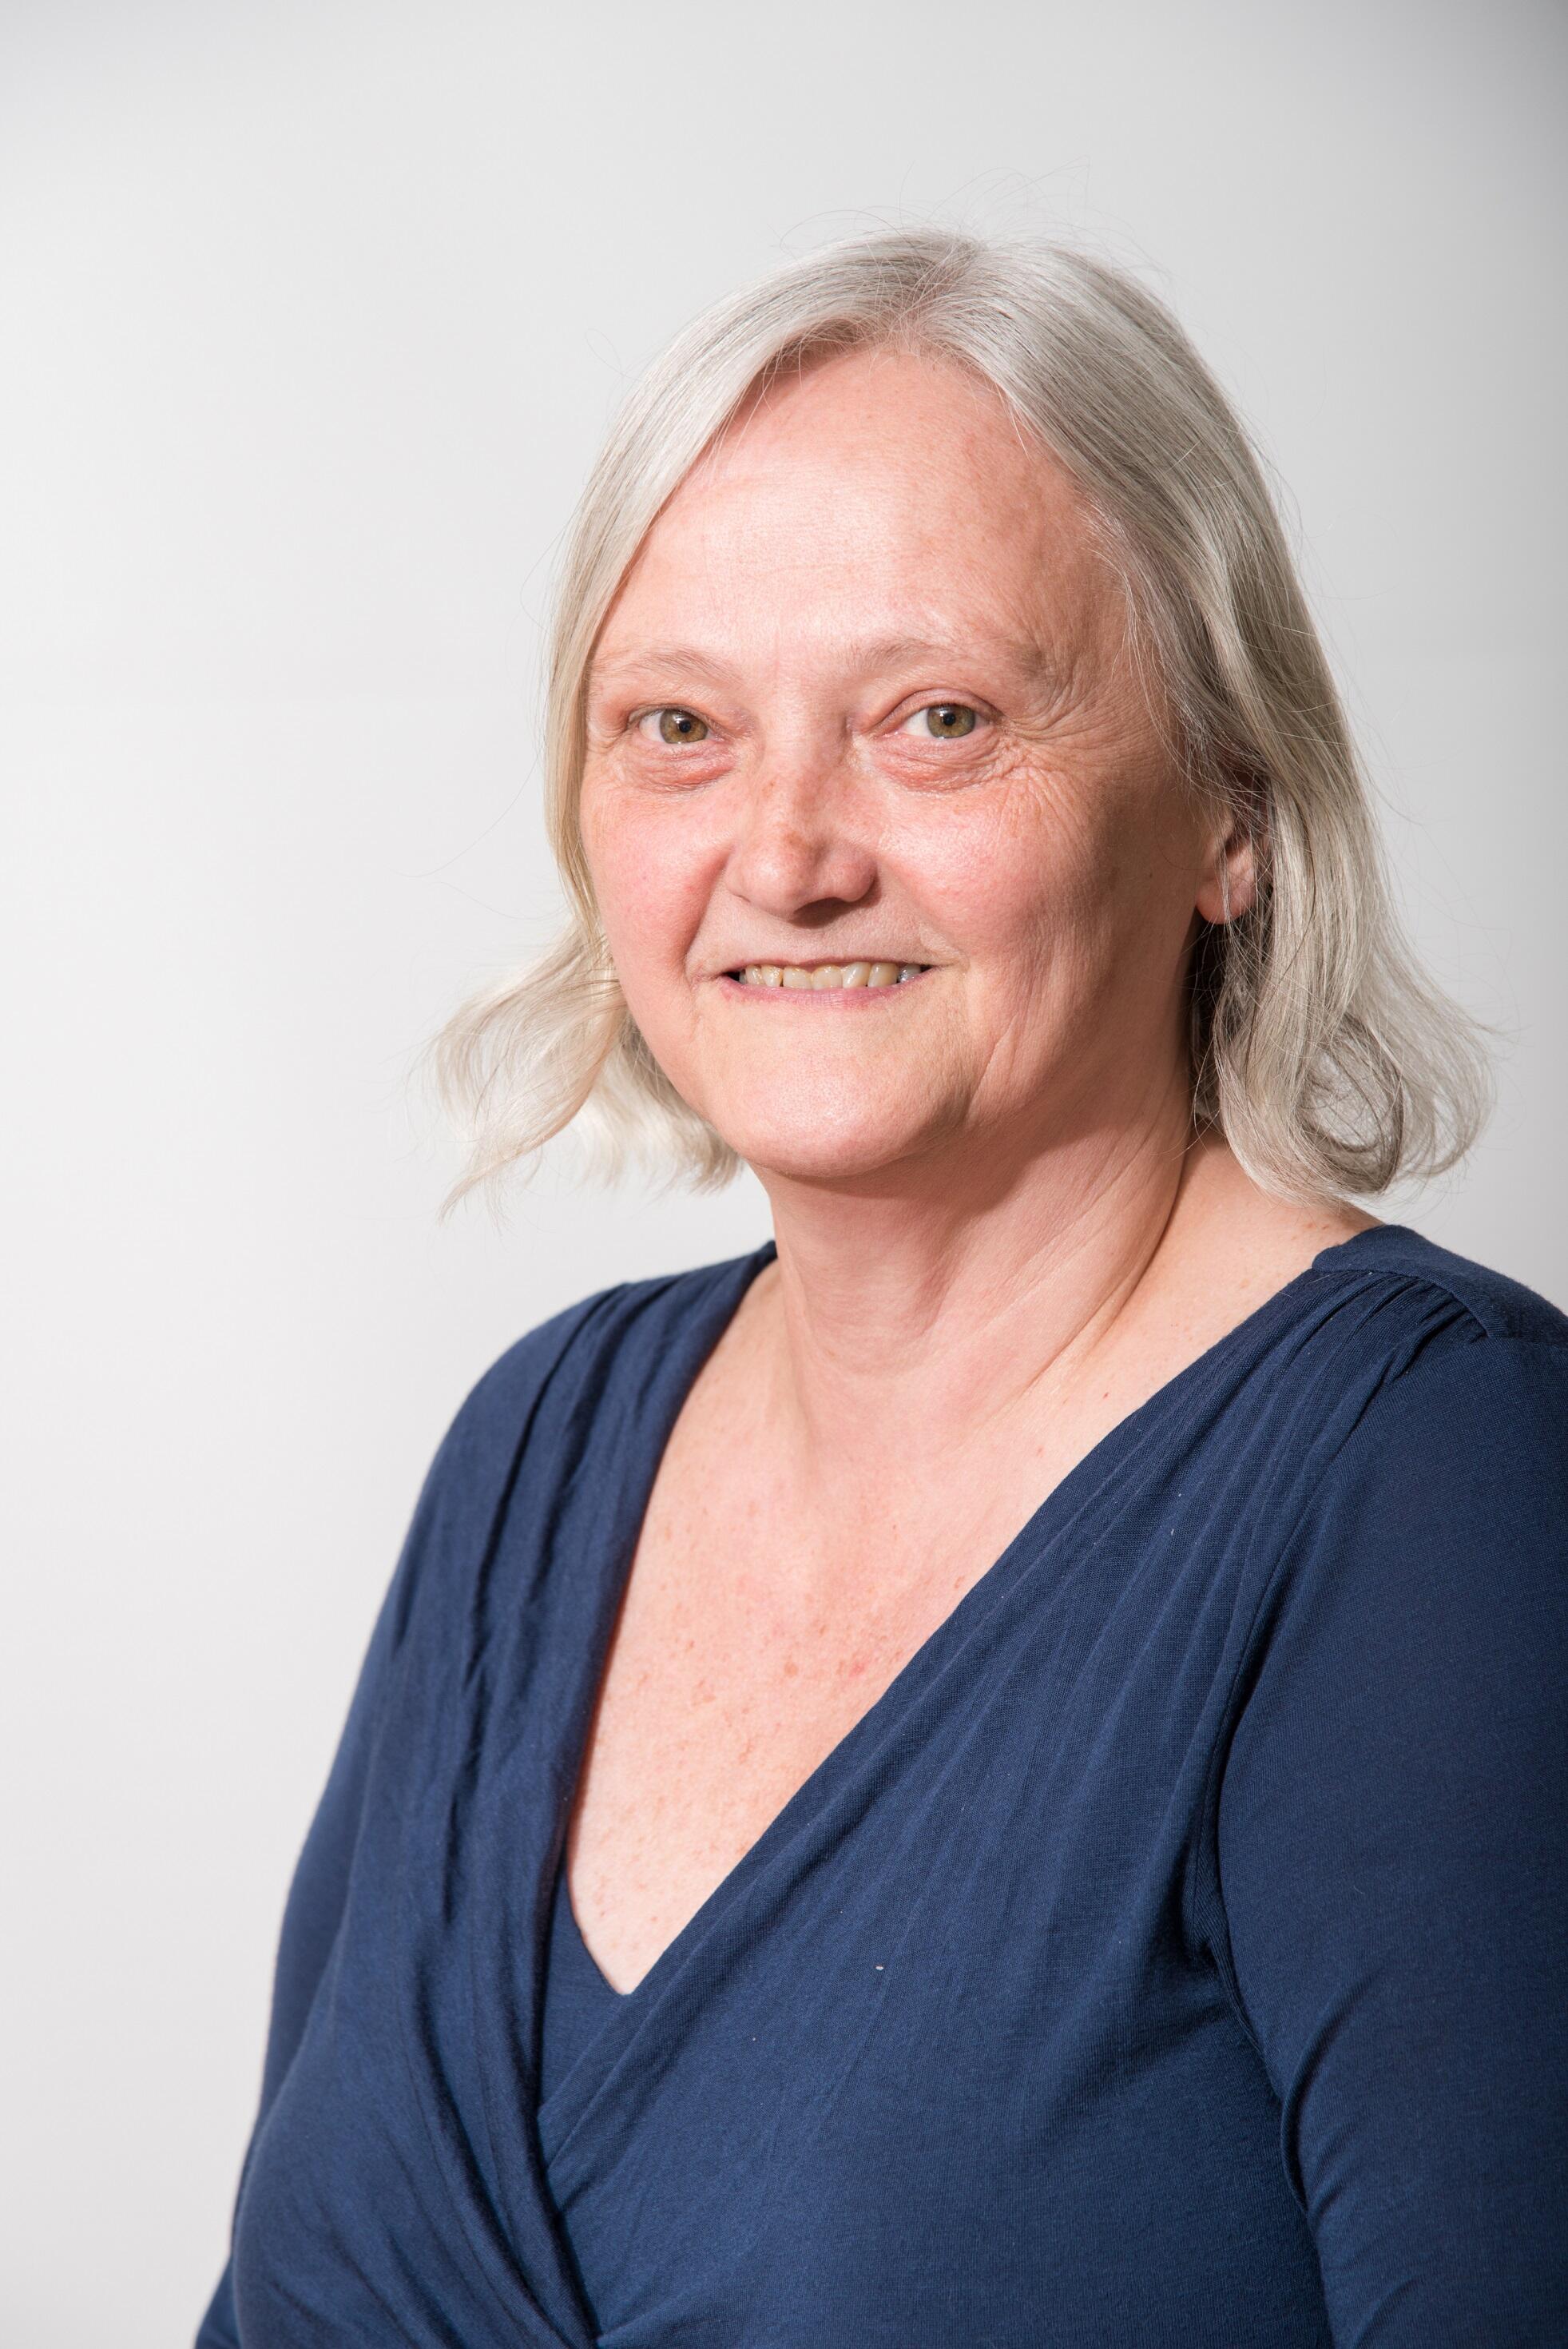 iiCON Director, Professor Janet Hemingway